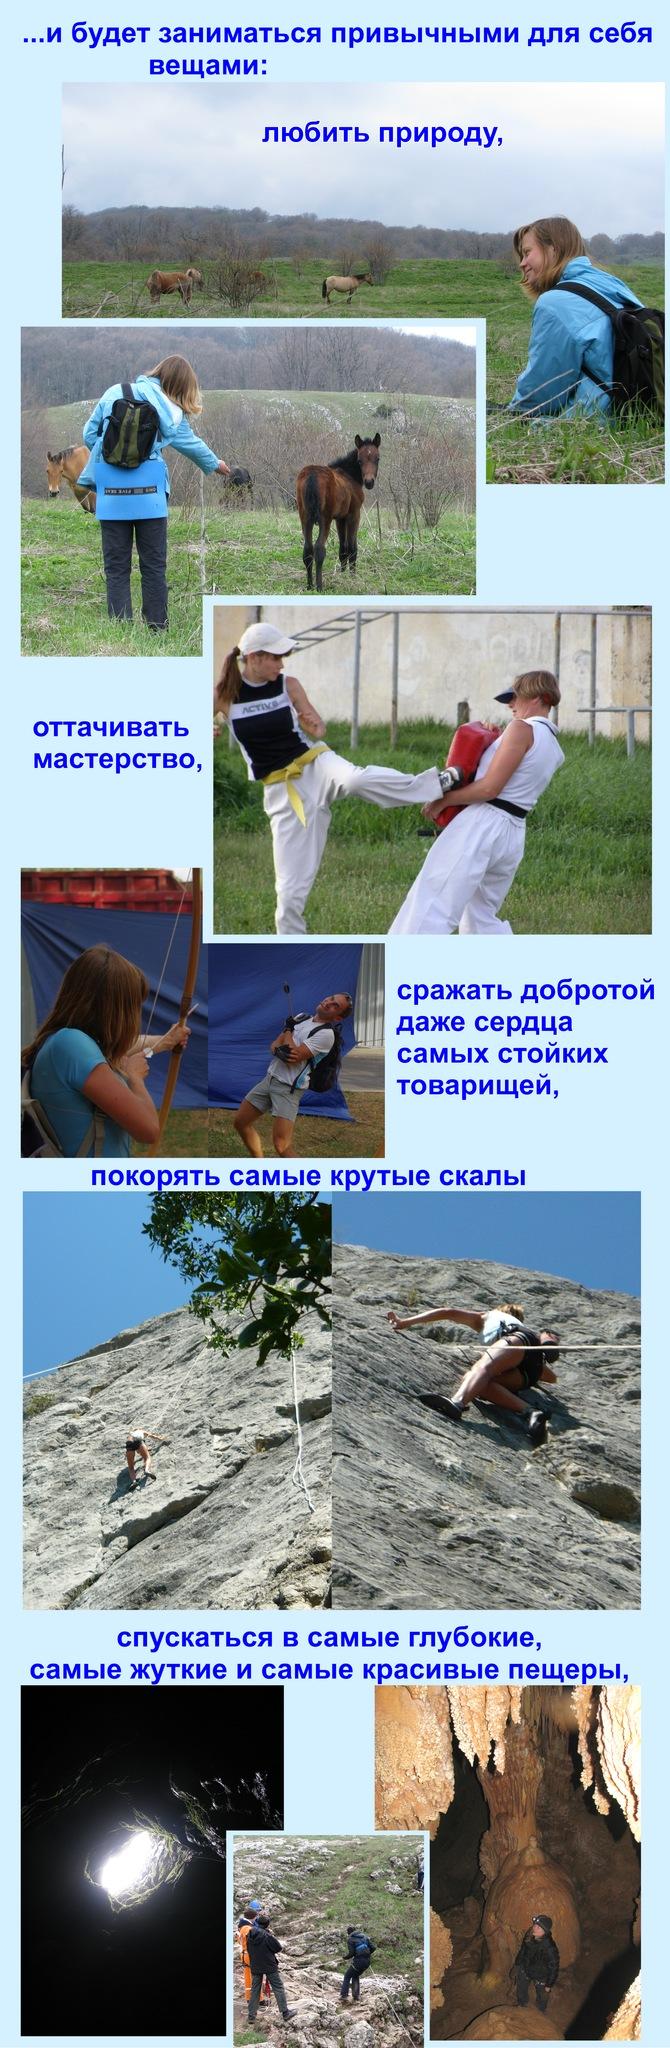 http://cs5299.vkontakte.ru/u10834284/120259584/w_2d5938e8.jpg